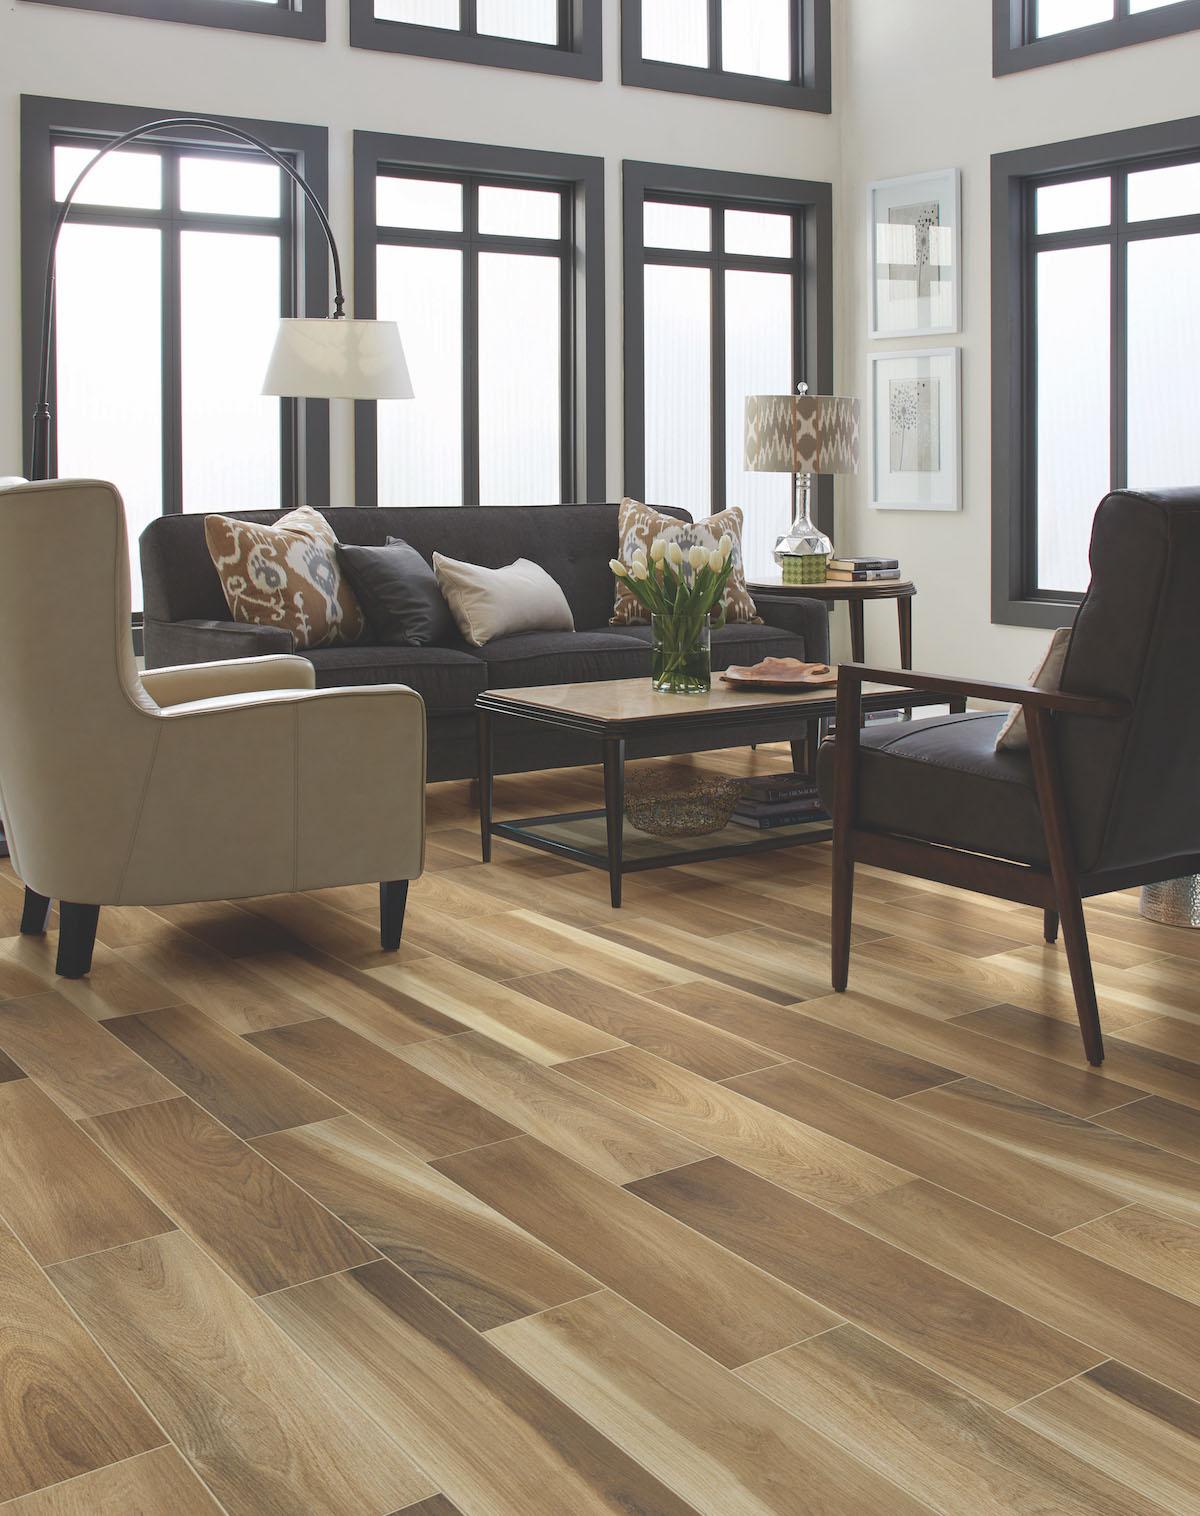 Wood Look Tile Acadian Factory